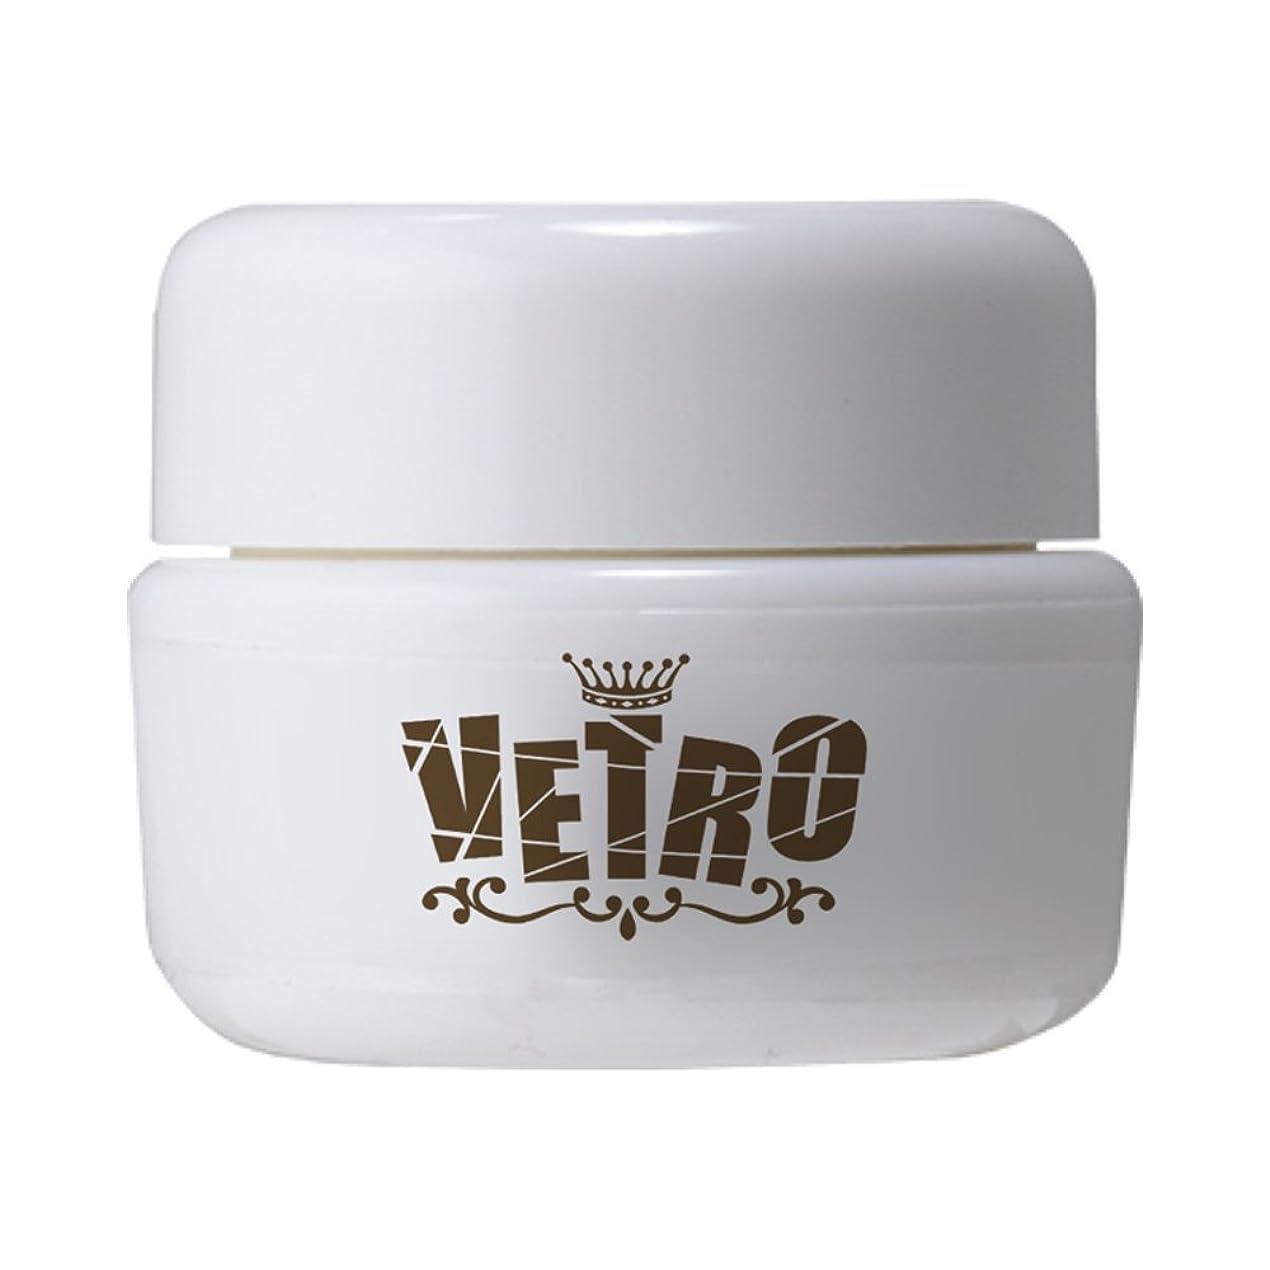 悪性中性感謝祭VETRO No.19 カラージェル シアー VL212 ミルキーホワイト 4ml